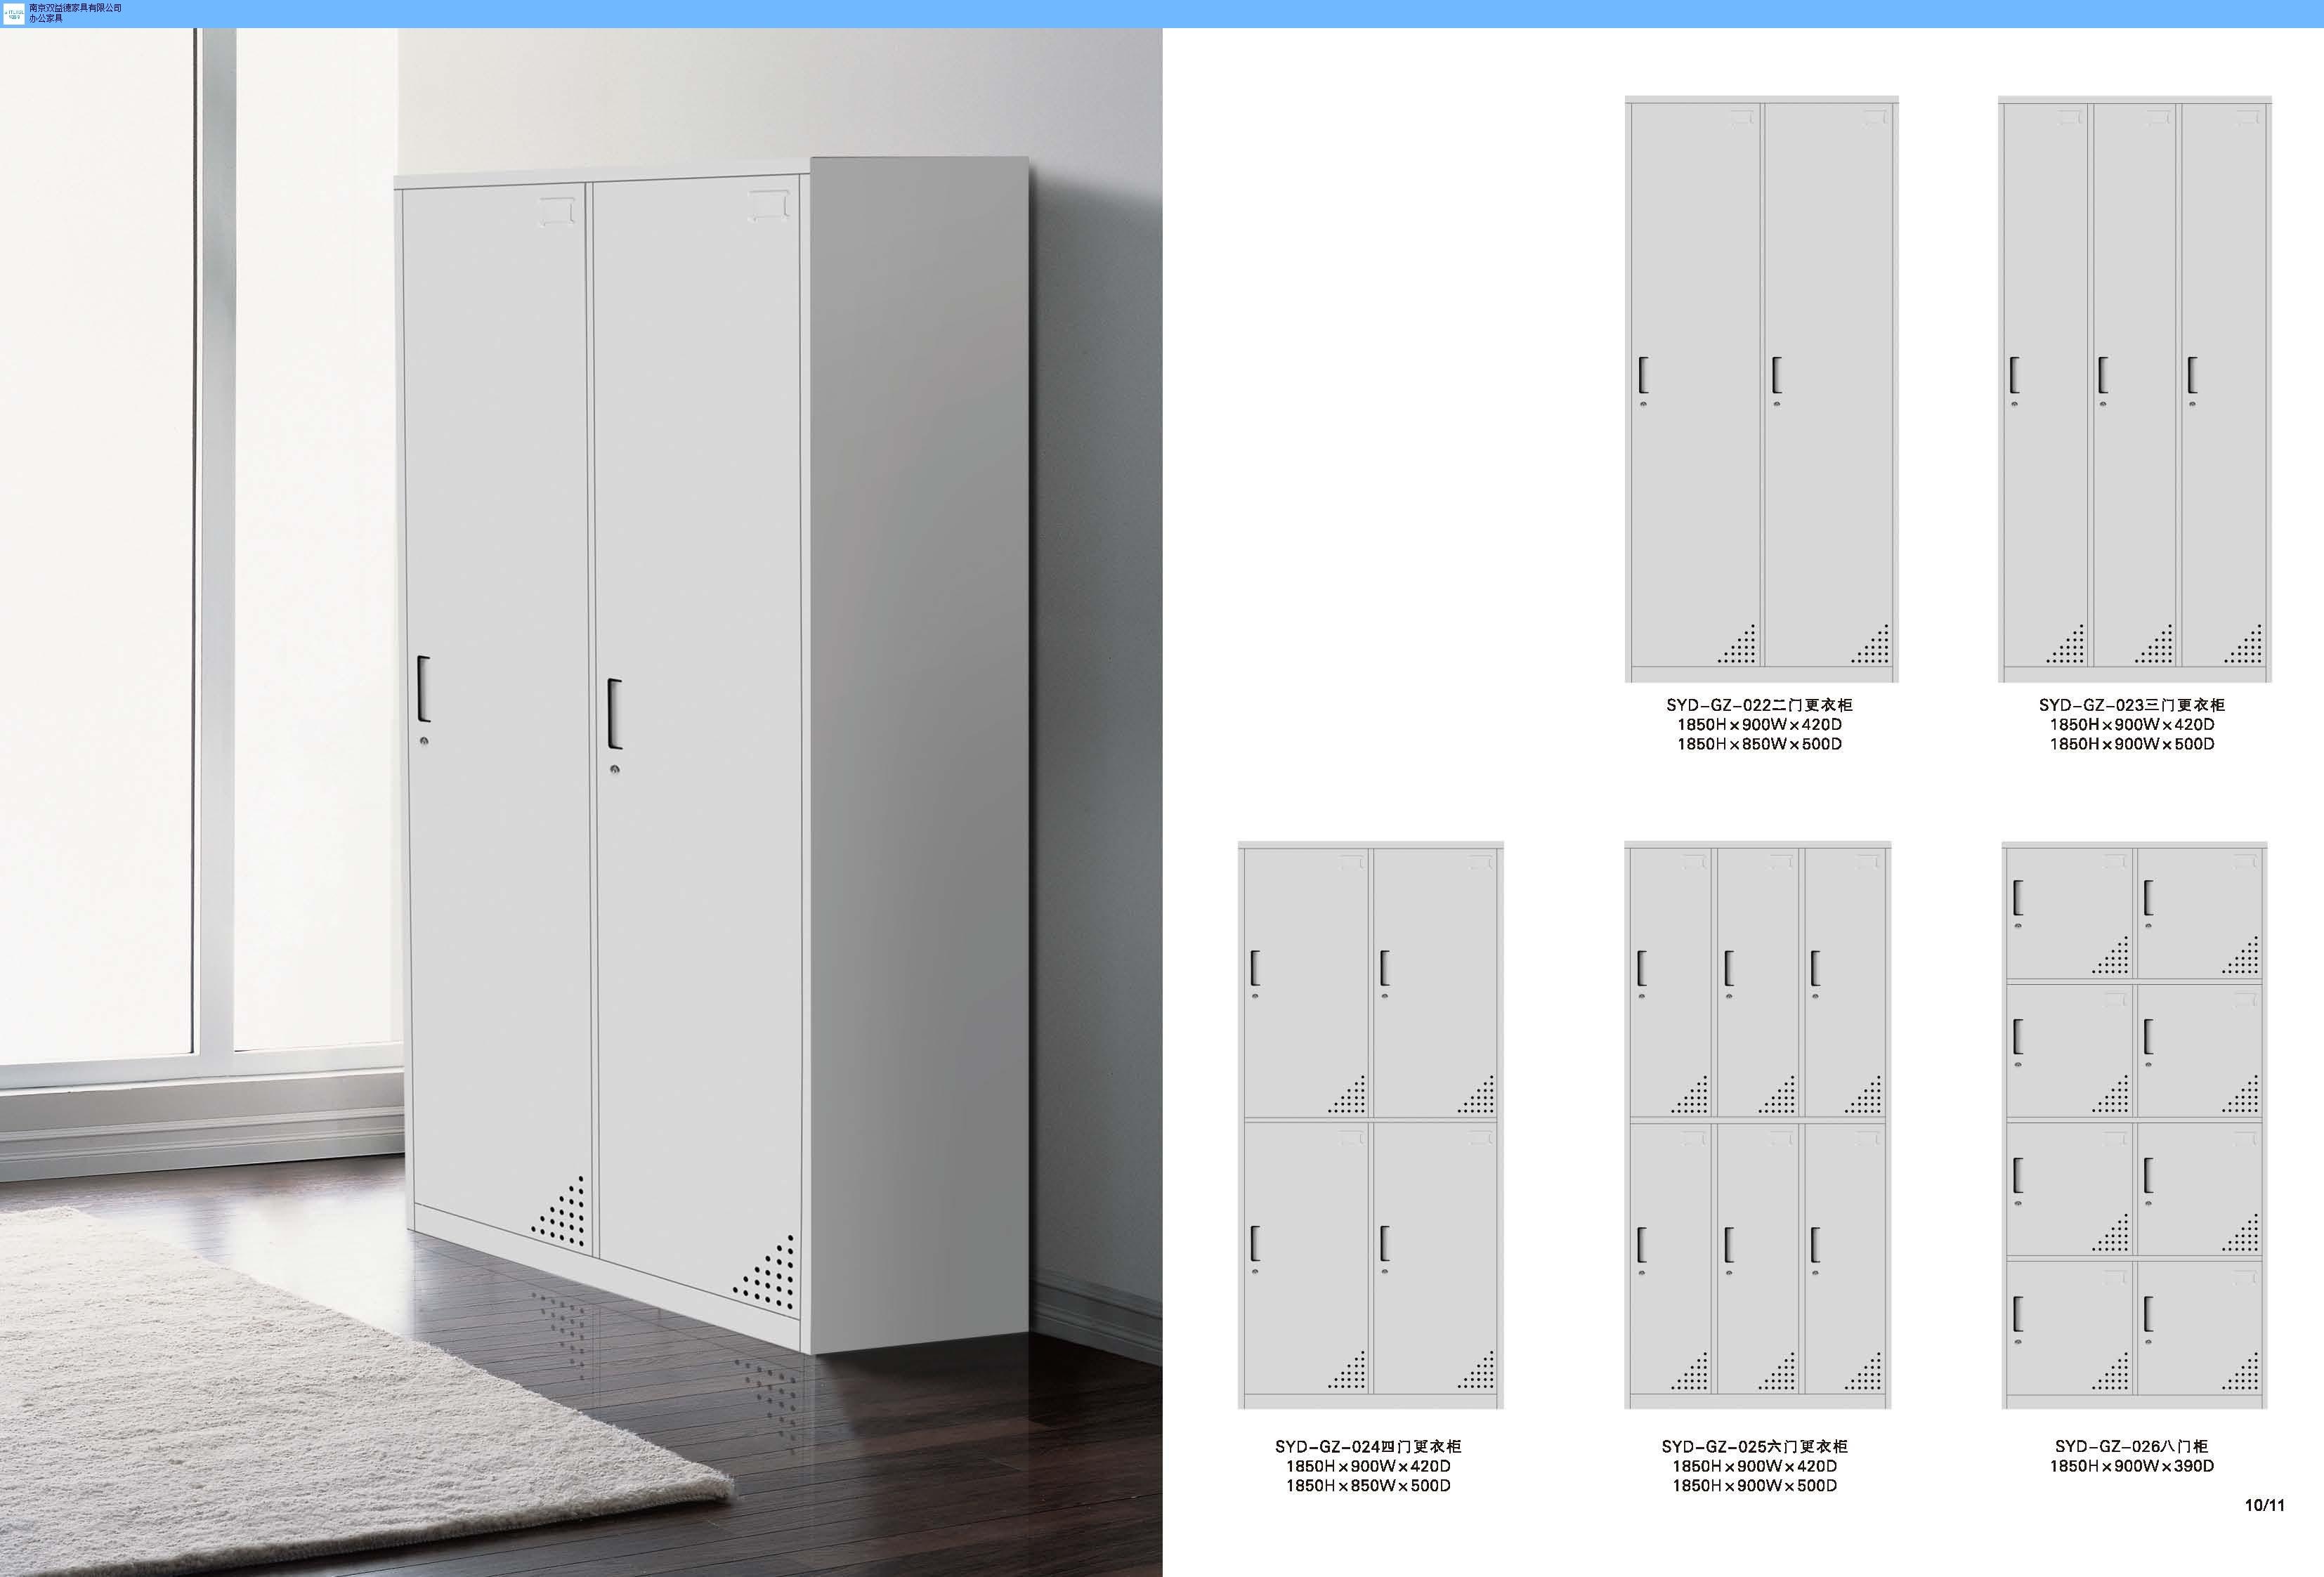 钢制文件柜定做 客户至上 南京双益德办公家具供应